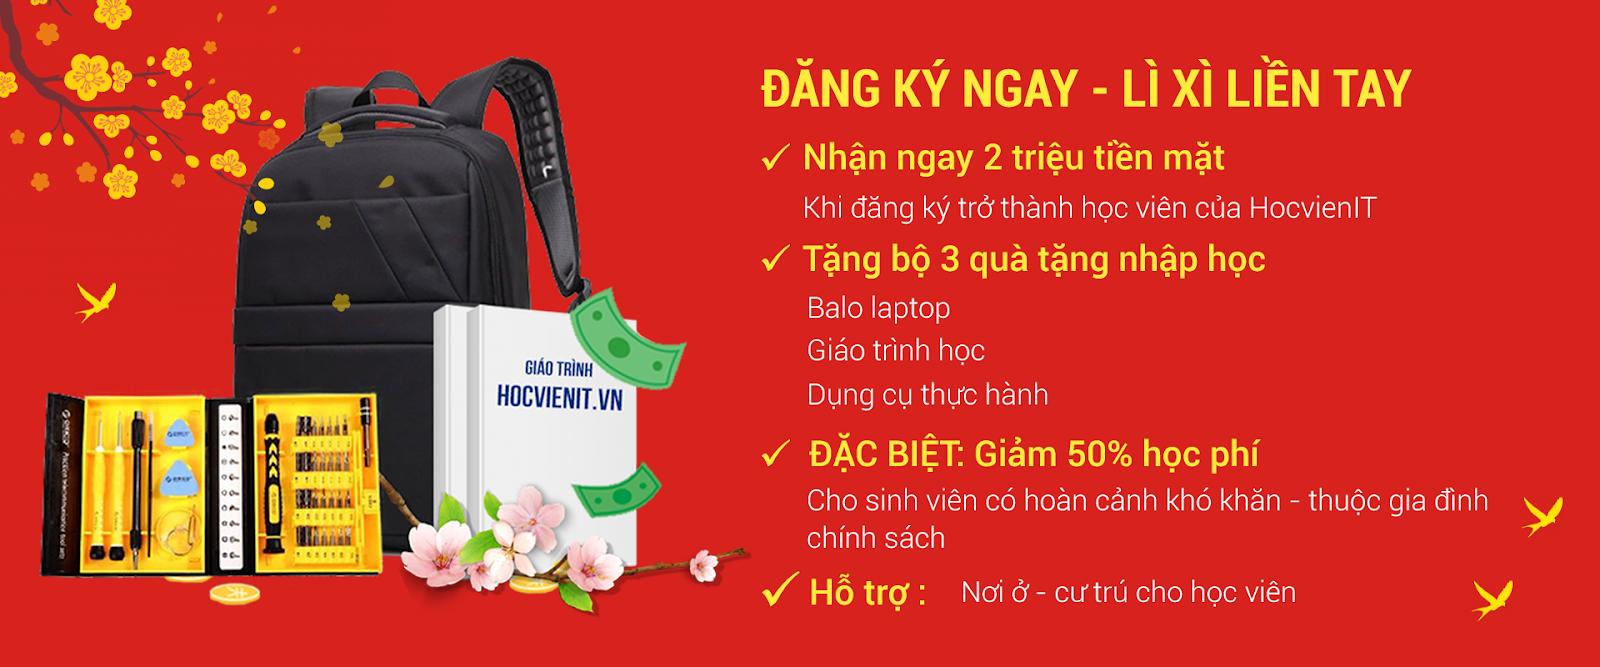 hoc-sua-chua-may-tinh-2